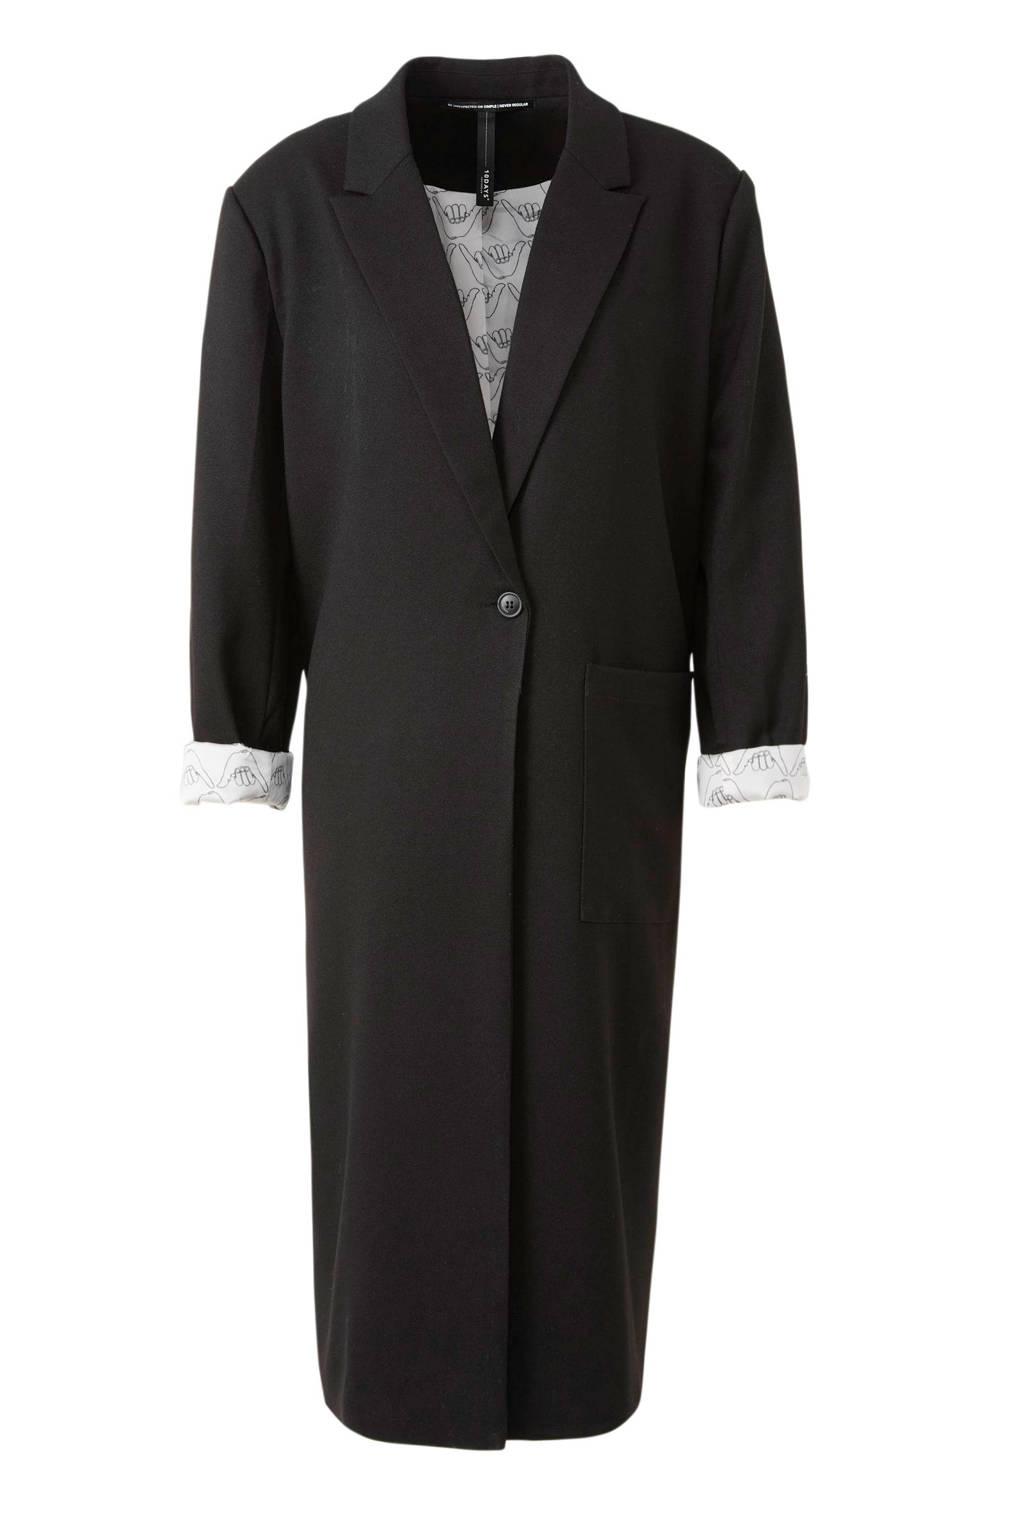 10DAYS coat zwart, Zwart